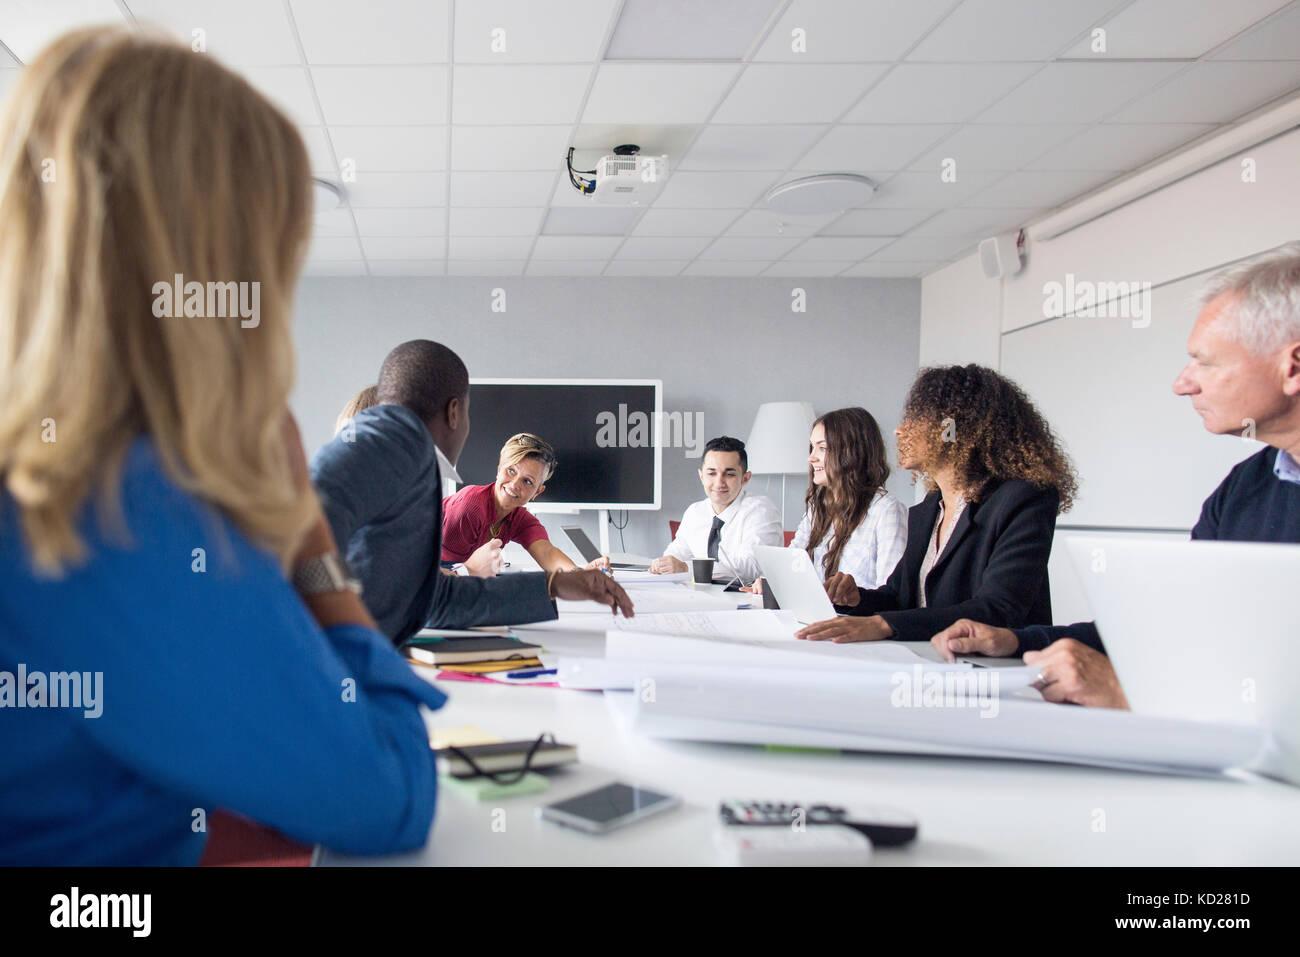 El equipo de arquitectos y administradores de proyectos que trabajan en la oficina Imagen De Stock